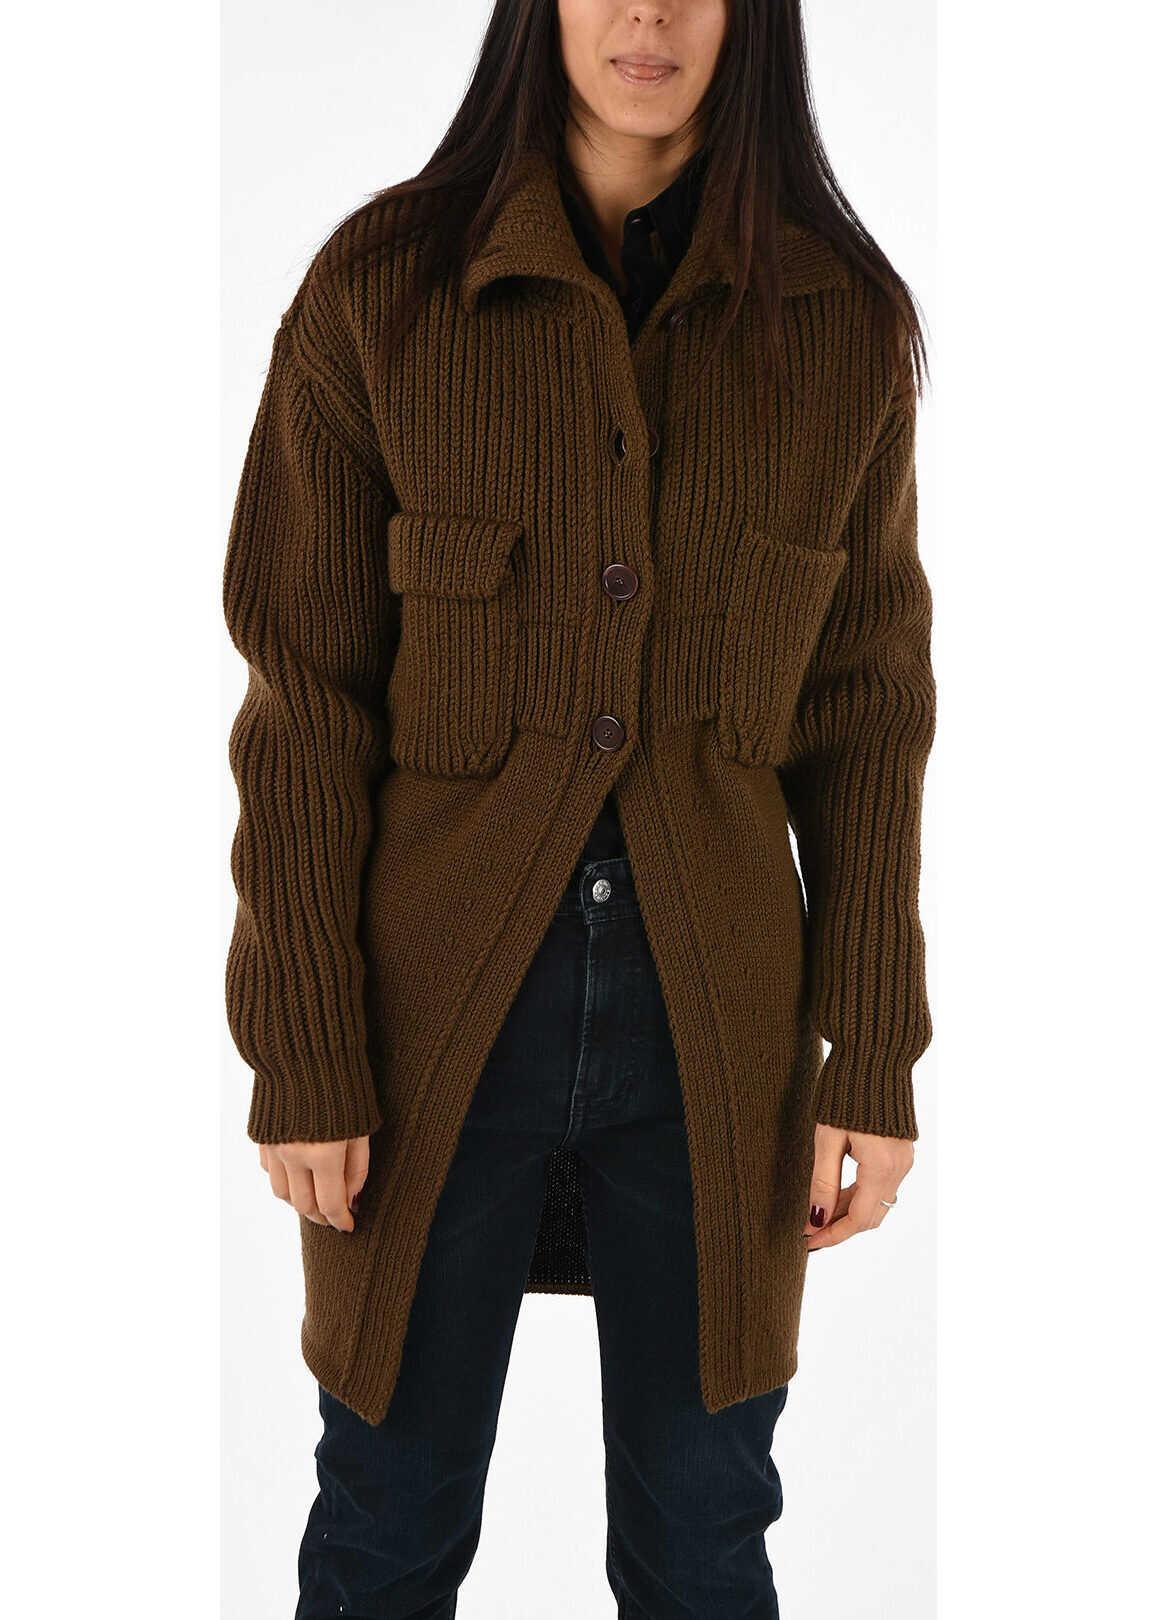 Chloe Virgin Wool Knitted Coat BROWN